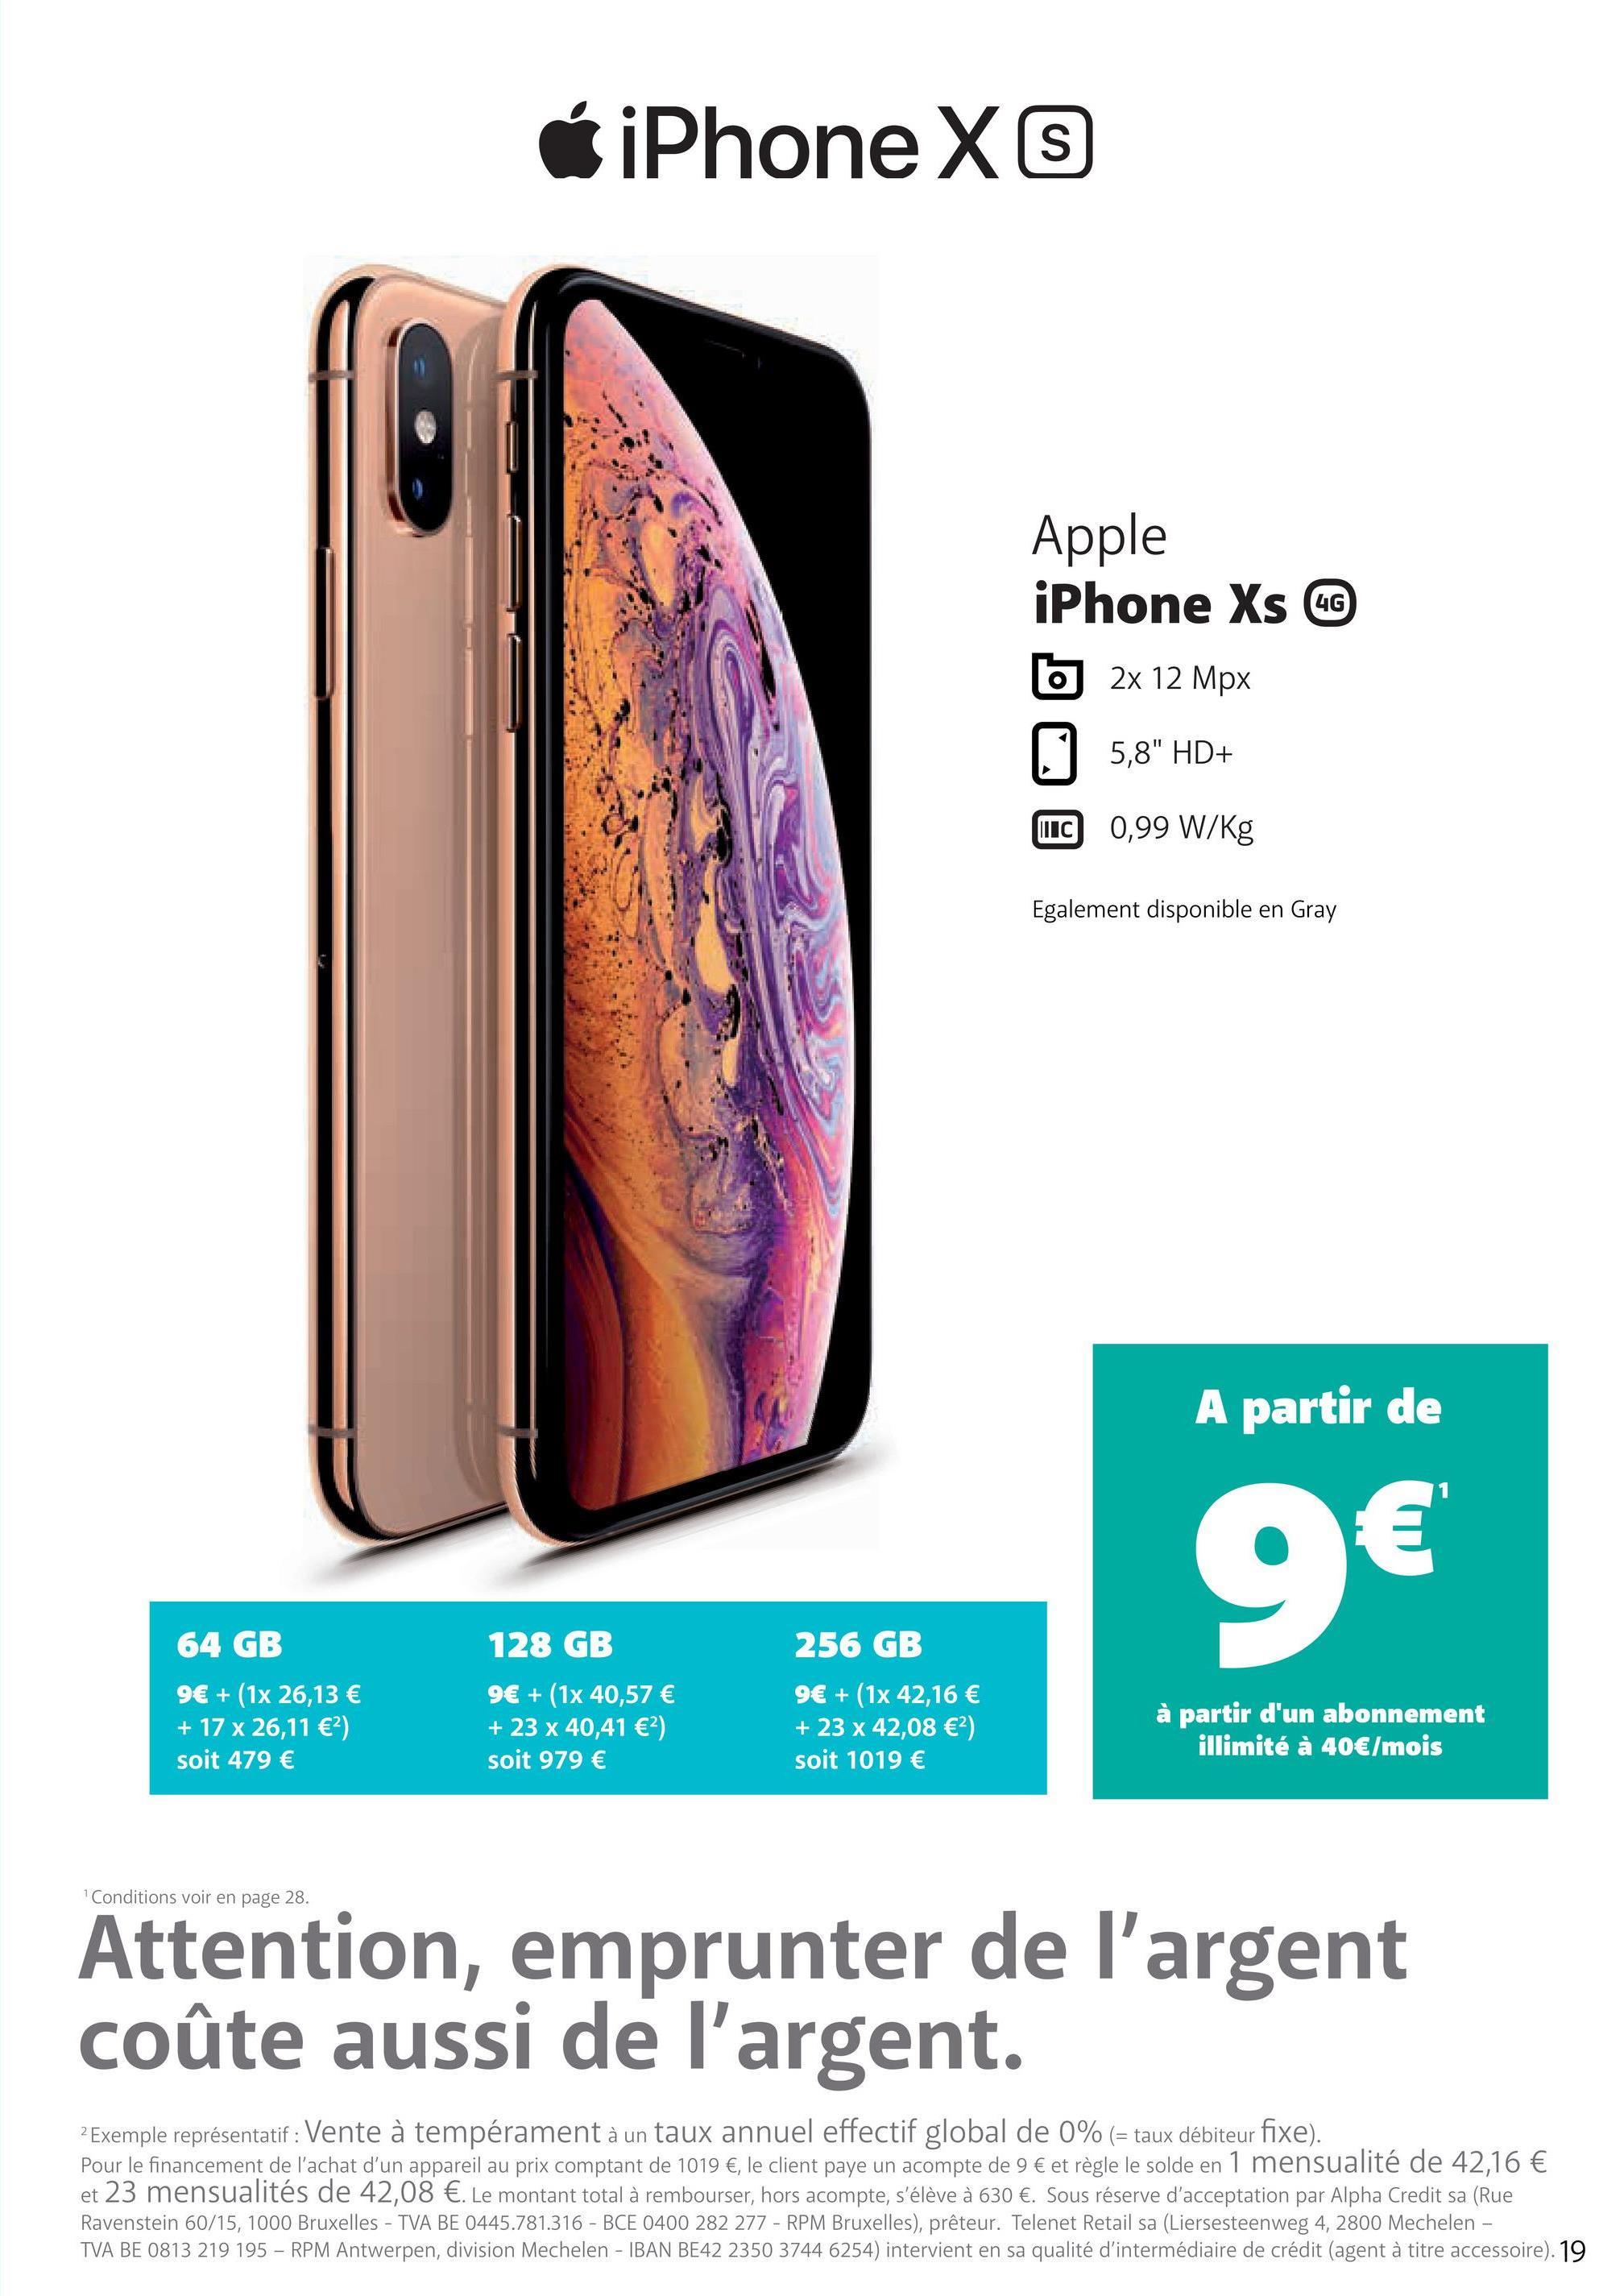 """iPhone X 4G Apple iPhone Xs CC 5 2x 12 Mpx 5,8"""" HD+ LC 0,99 W/Kg Egalement disponible en Gray A partir de 9€ 64 GB 9€ + (1x 26,13 € + 17 x 26,11 €) soit 479 € 128 GB 9€ + (1x 40,57 € + 23 x 40,41 €) soit 979 € 256 GB 9€ + (1x 42,16 € + 23 x 42,08 €) soit 1019 € à partir d'un abonnement illimité à 40€/mois Conditions voir en page 28. Attention, emprunter de l'argent coûte aussi de l'argent. 2 Exemple représentatif: Vente à tempérament à un taux annuel effectif global de 0% (= taux débiteur fixe). Pour le financement de l'achat d'un appareil au prix comptant de 1019 €, le client paye un acompte de 9 € et règle le solde en 1 mensualité de 42,16 € et 23 mensualités de 42,08 €. Le montant total à rembourser, hors acompte, s'élève à 630 €. Sous réserve d'acceptation par Alpha Credit sa (Rue Ravenstein 60/15, 1000 Bruxelles - TVA BE 0445.781.316 - BCE 0400 282 277. - RPM Bruxelles), prêteur. Telenet Retail sa (Liersesteenweg 4, 2800 Mechelen - TVA BE 0813 219 195 - RPM Antwerpen, division Mechelen - IBAN BE42 2350 3744 6254) intervient en sa qualité d'intermédiaire de crédit (agent à titre accessoire). 19"""